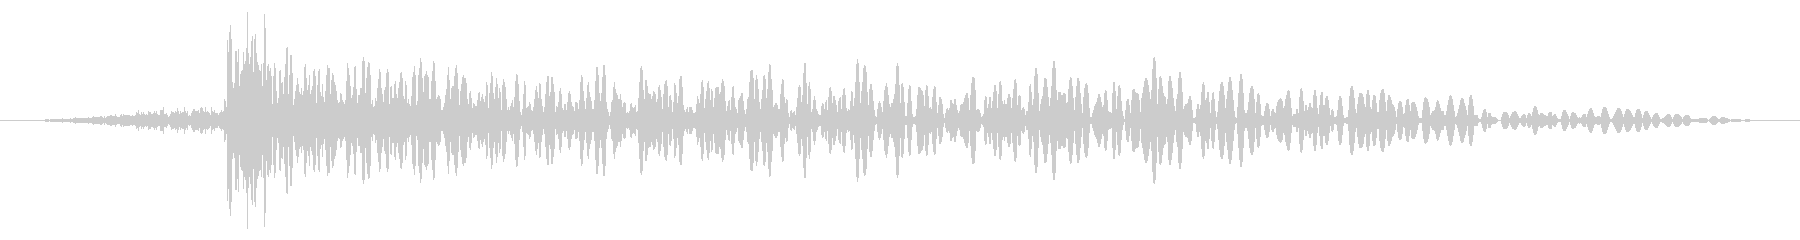 ディープグリッティアタックブームの影響の未再生の波形